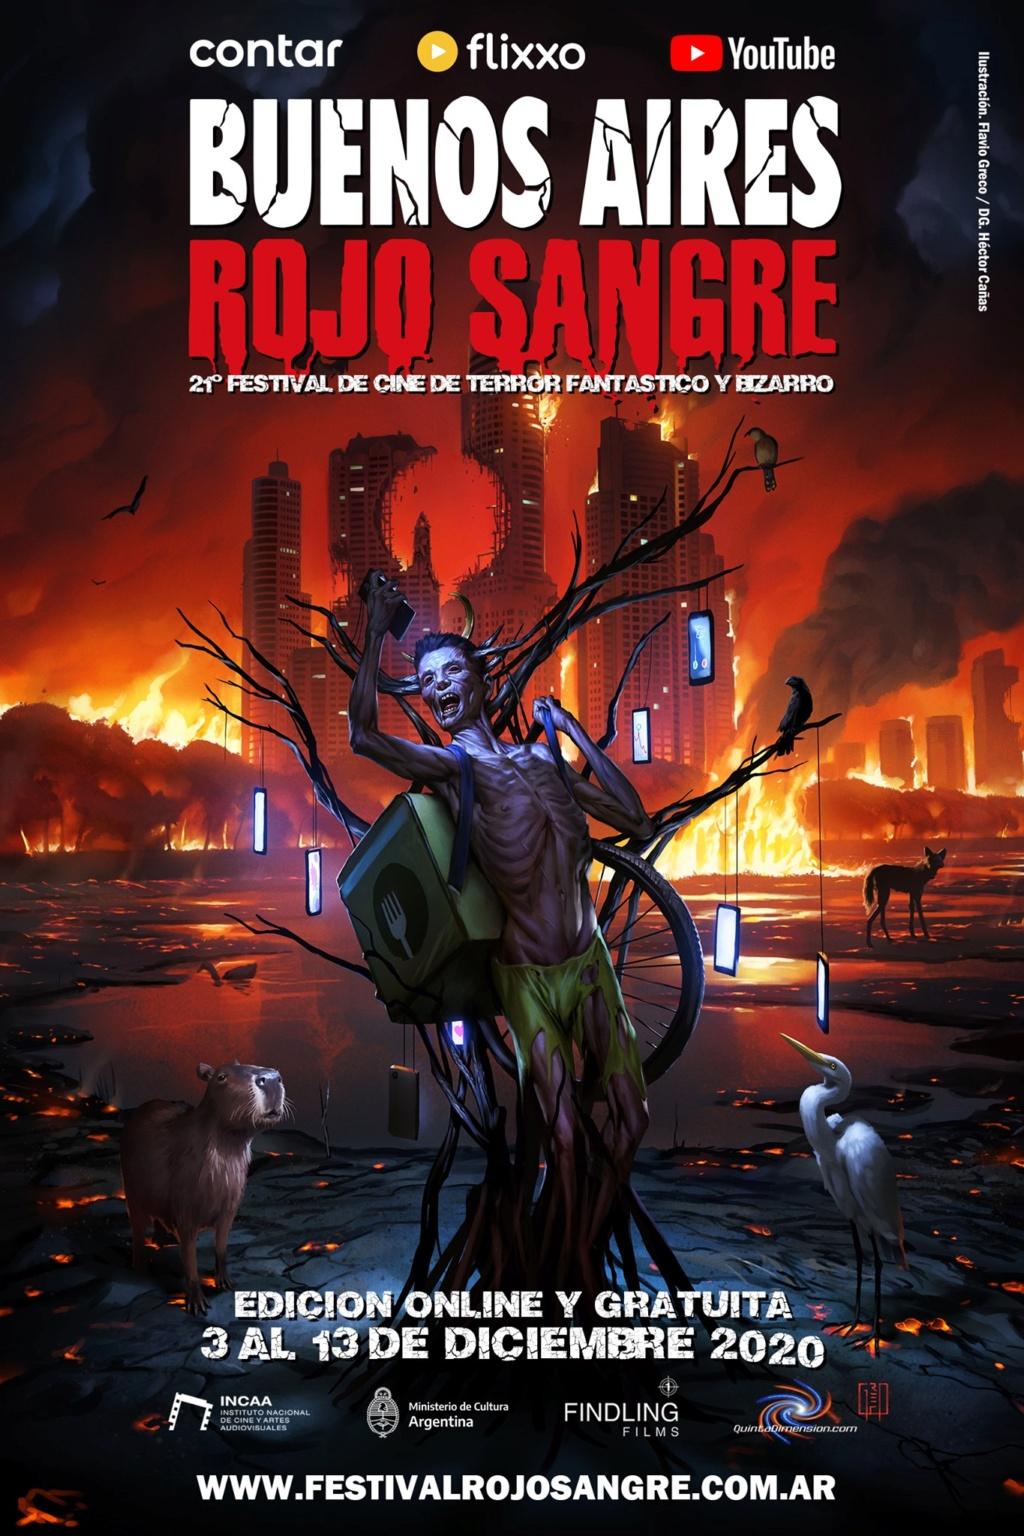 Cine fantástico, terror, ciencia-ficción... recomendaciones, noticias, etc - Página 17 12602910